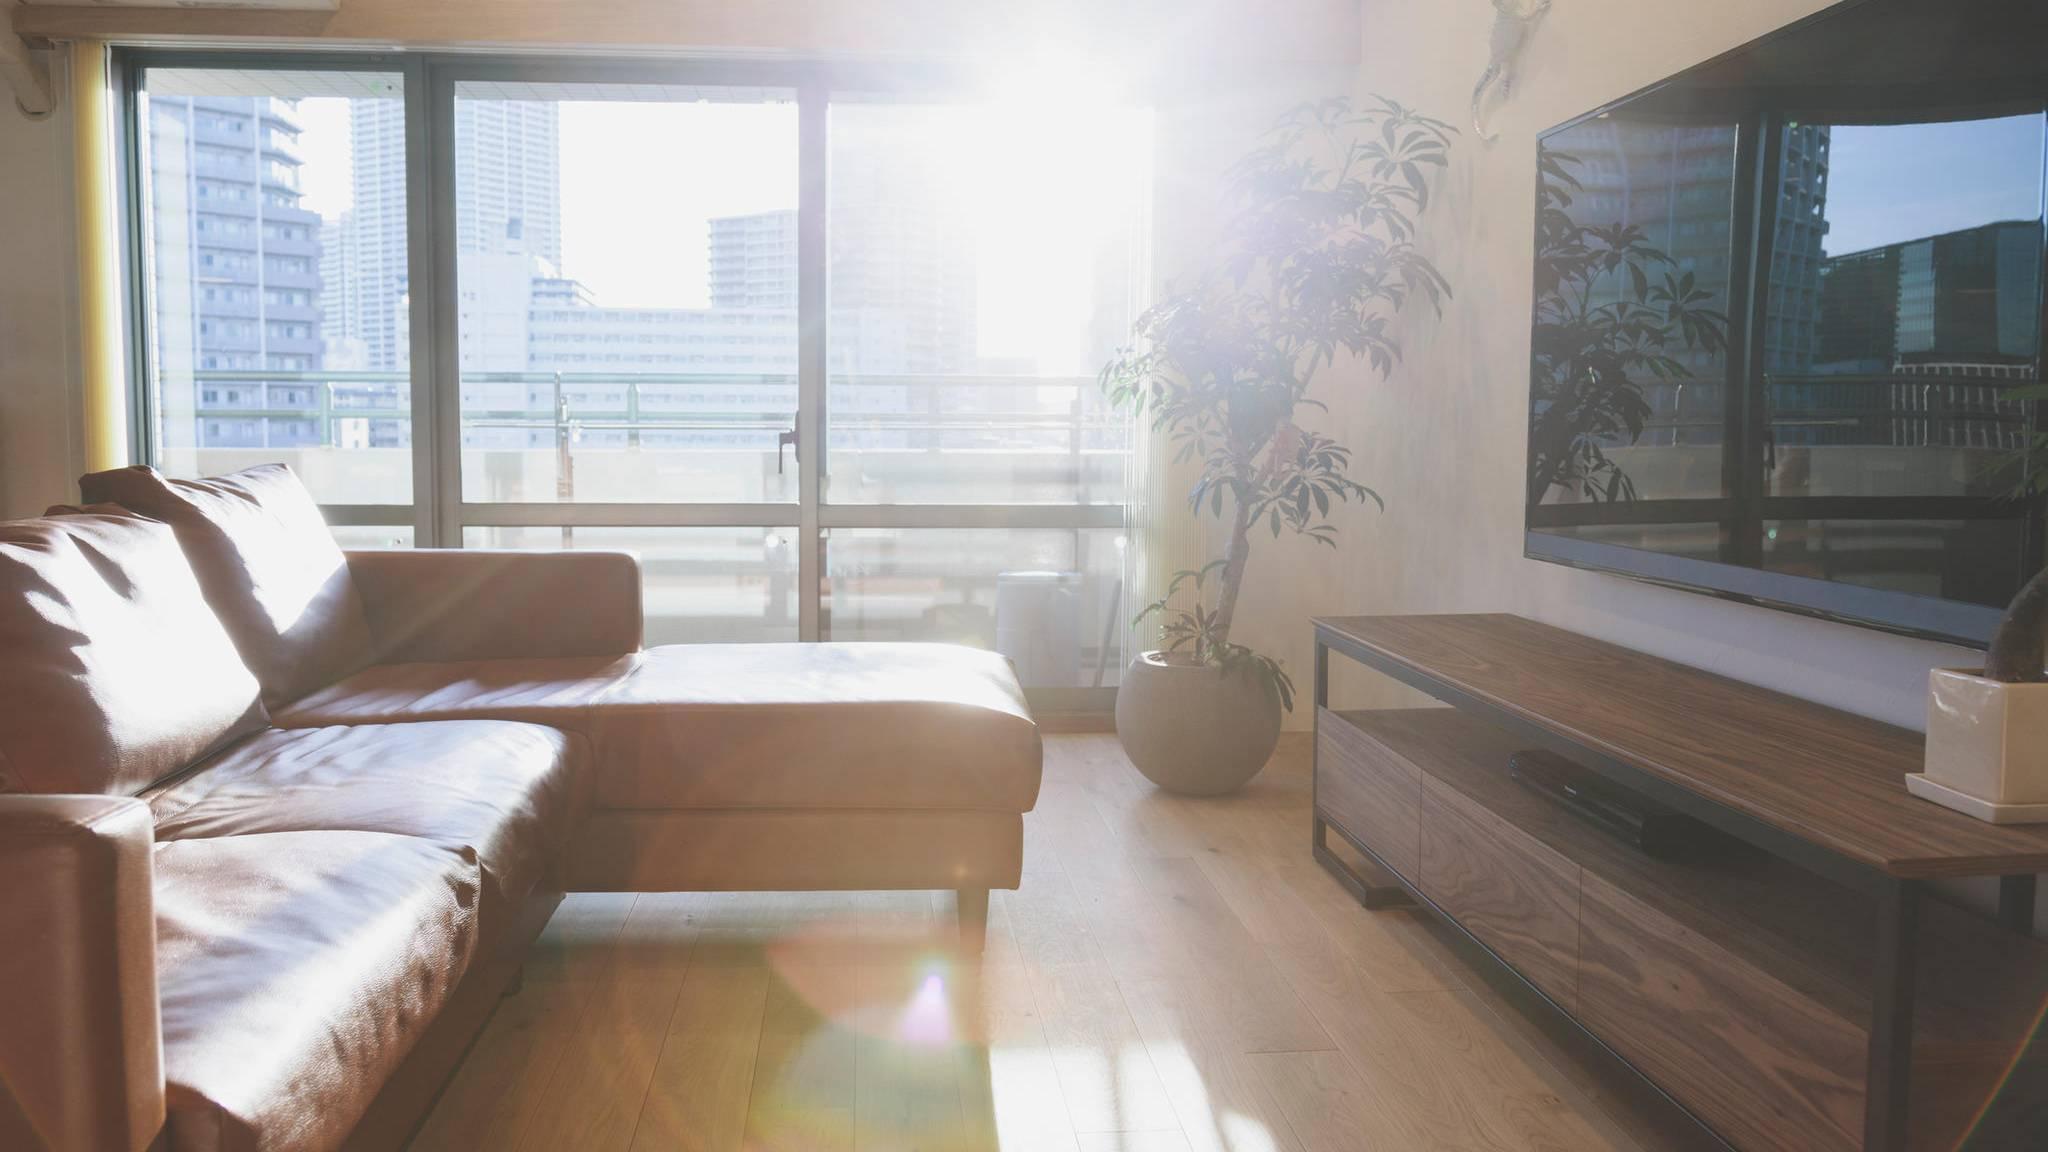 Staub Entfernen Vier Effektive Tipps Gegen Lastigen Staub In Der Wohnung